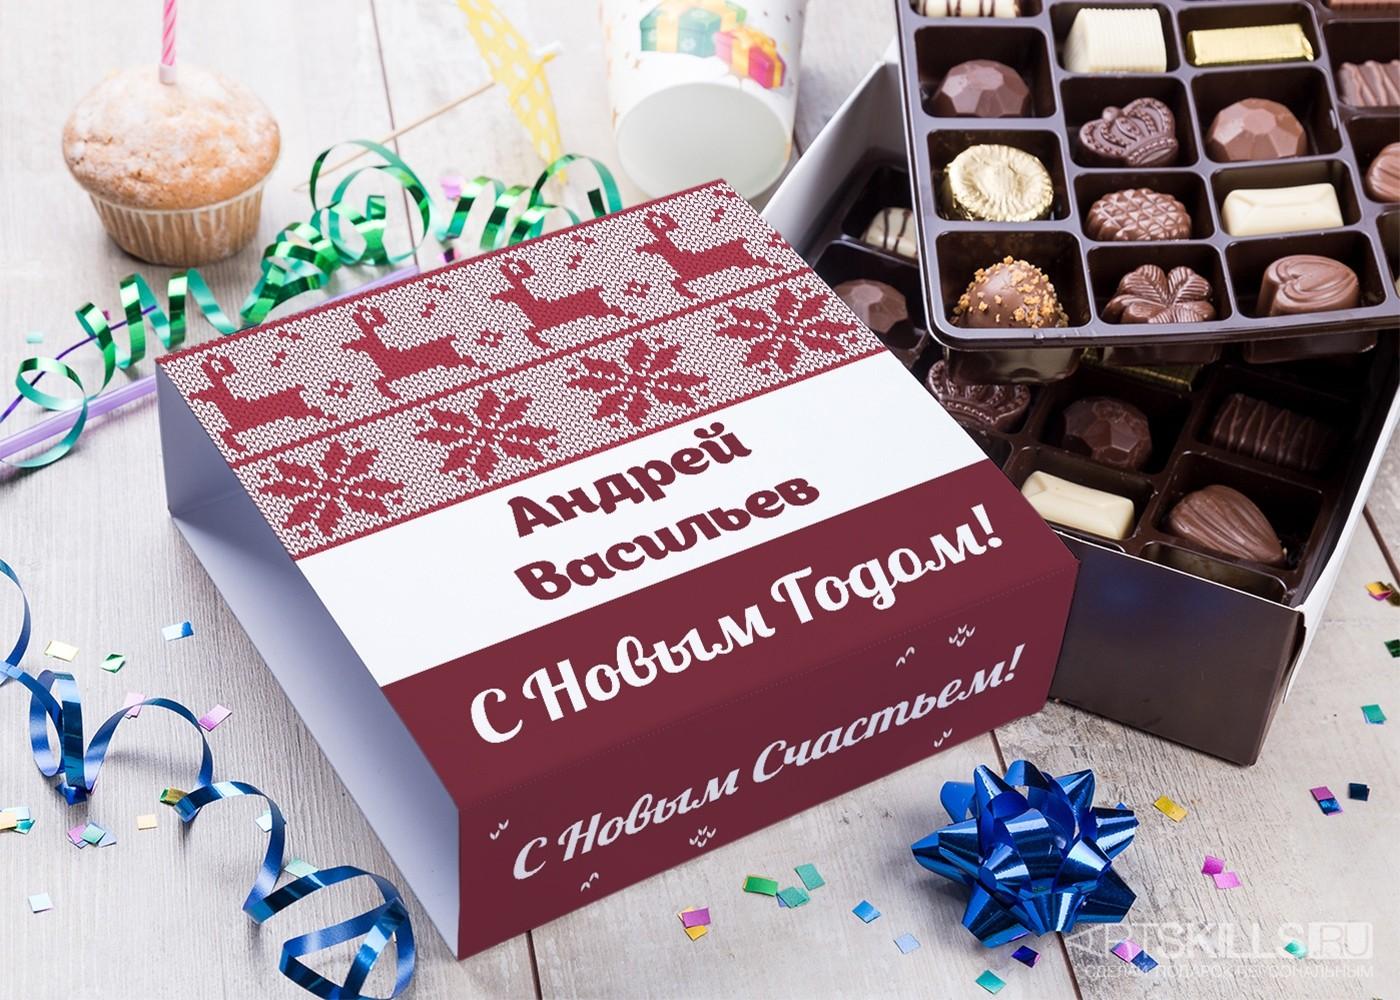 Бельгийский шоколад в подарочной упаковке Новогодние узоры